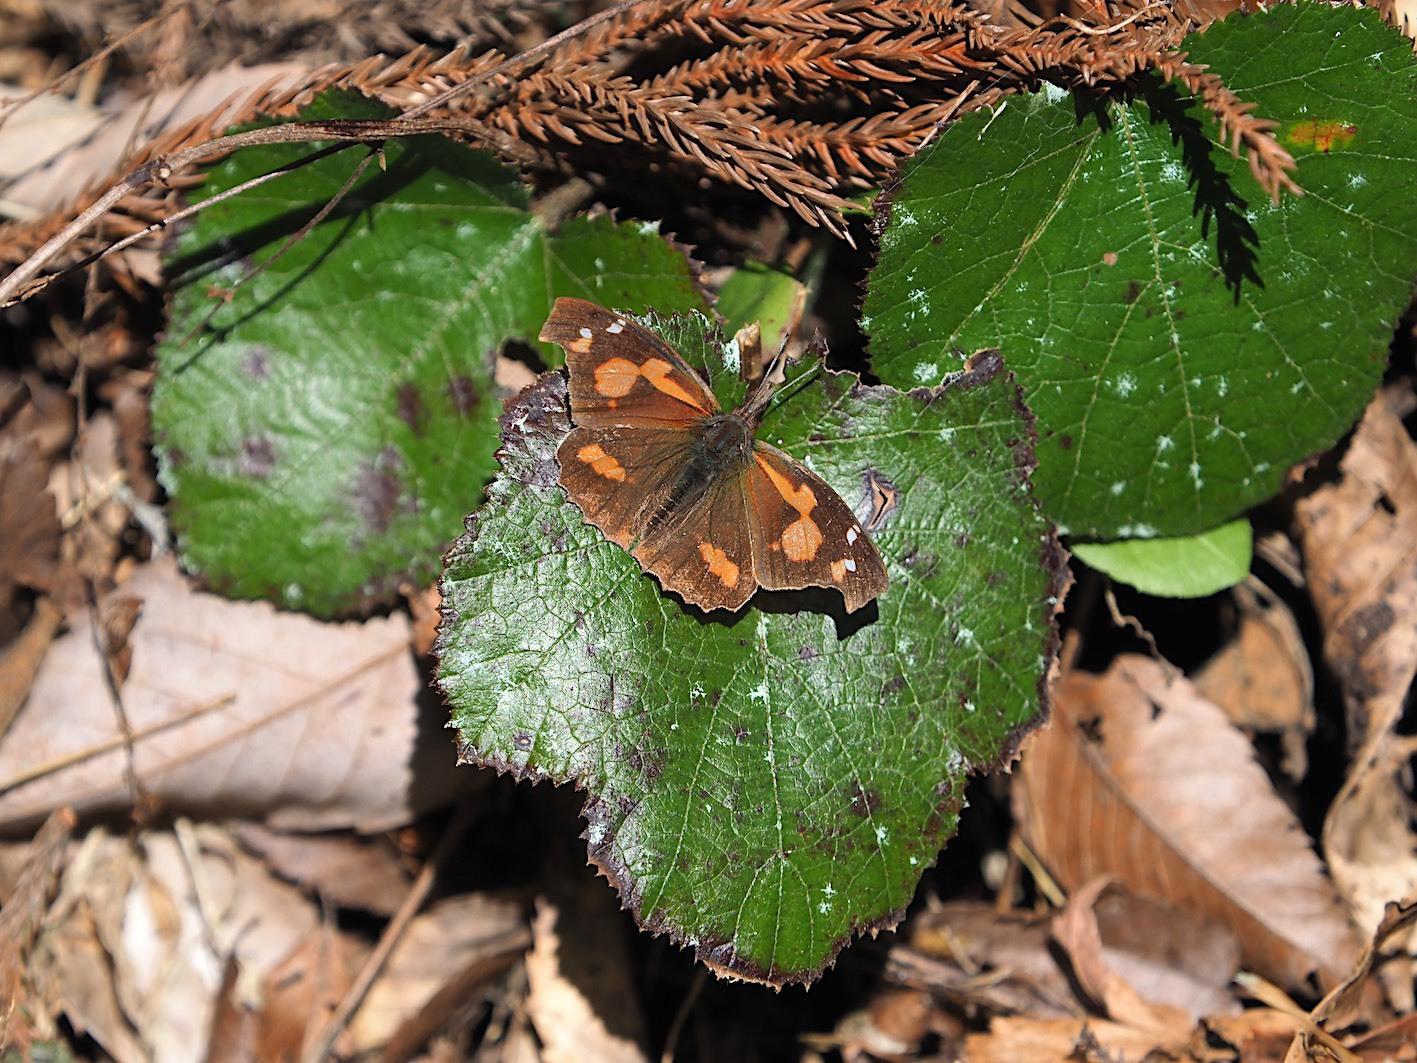 越冬蝶2種と新生蝶4種(2021年3月23日)_d0303129_10145348.jpg